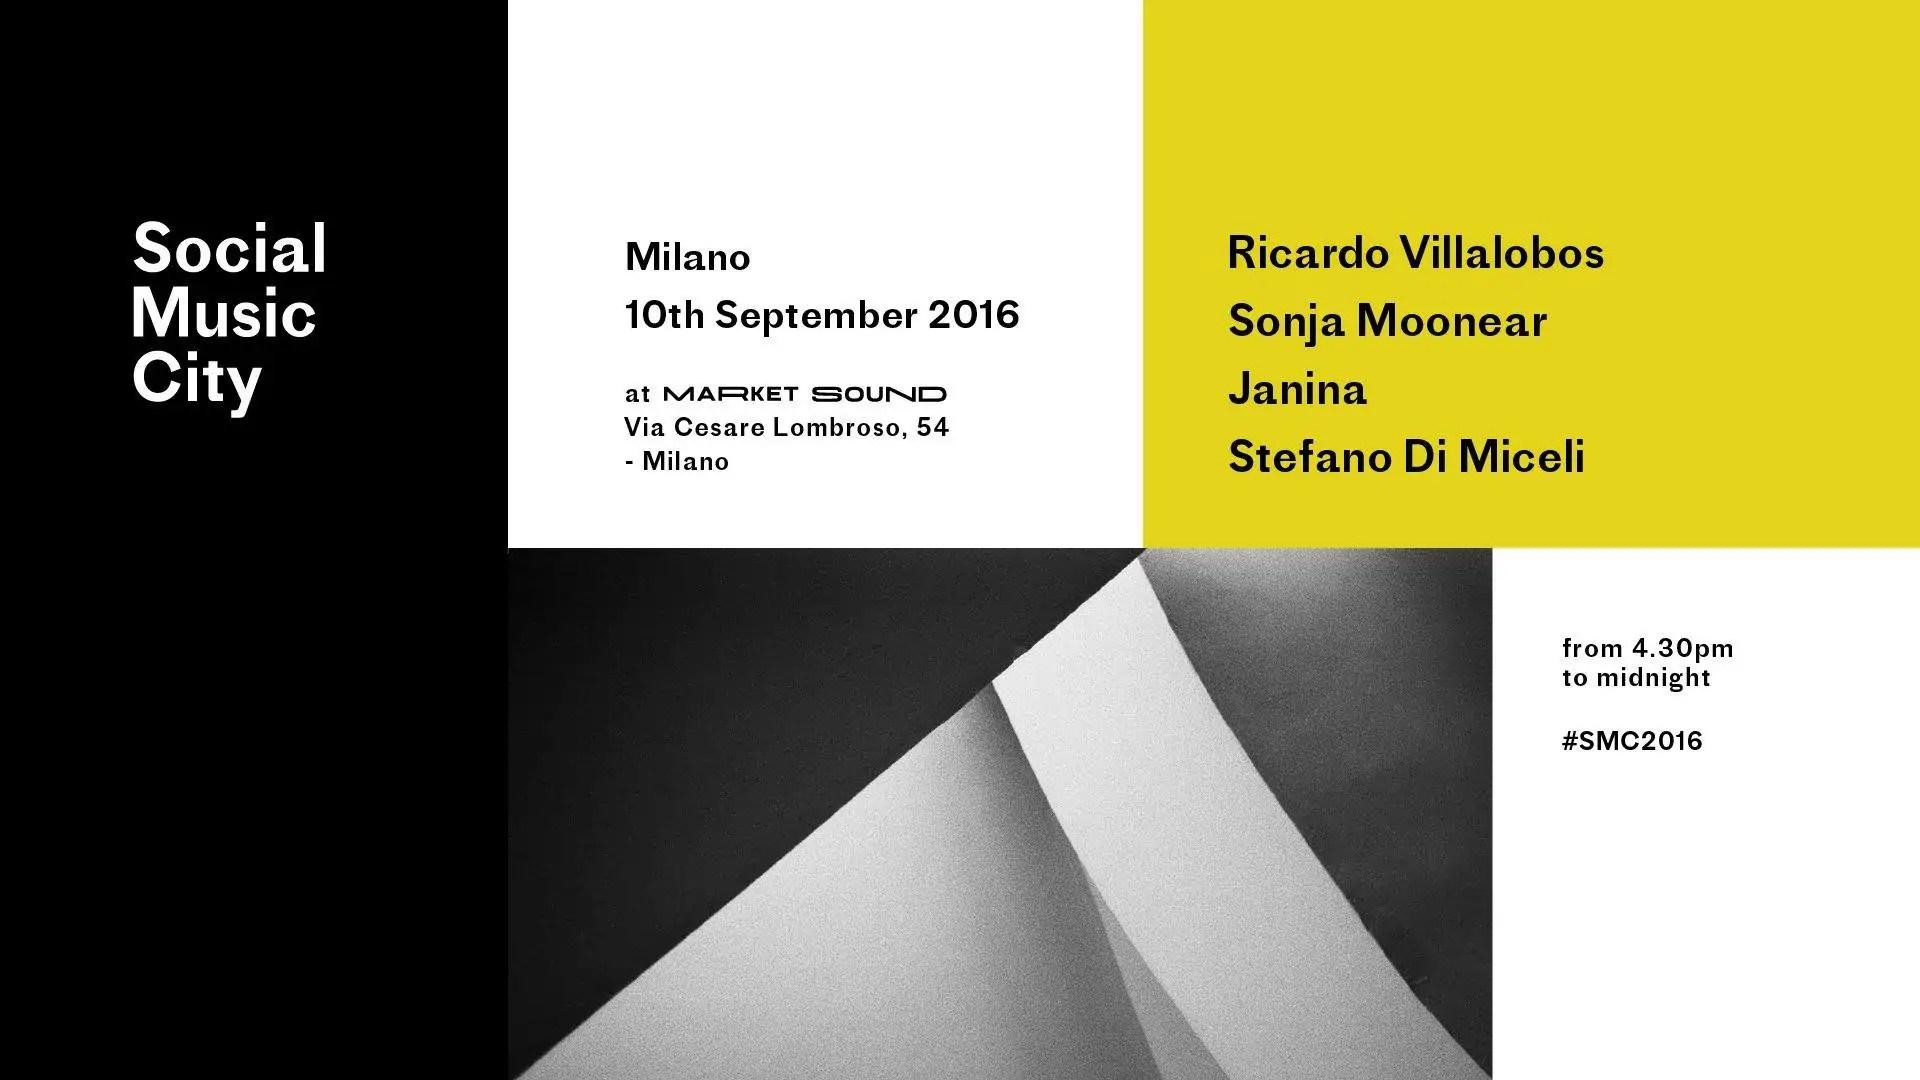 SOCIAL MUSIC CITY RICARDO VILLALOBOS 10 SETTEMBRE 2016 al MARKET SOUND MILANO